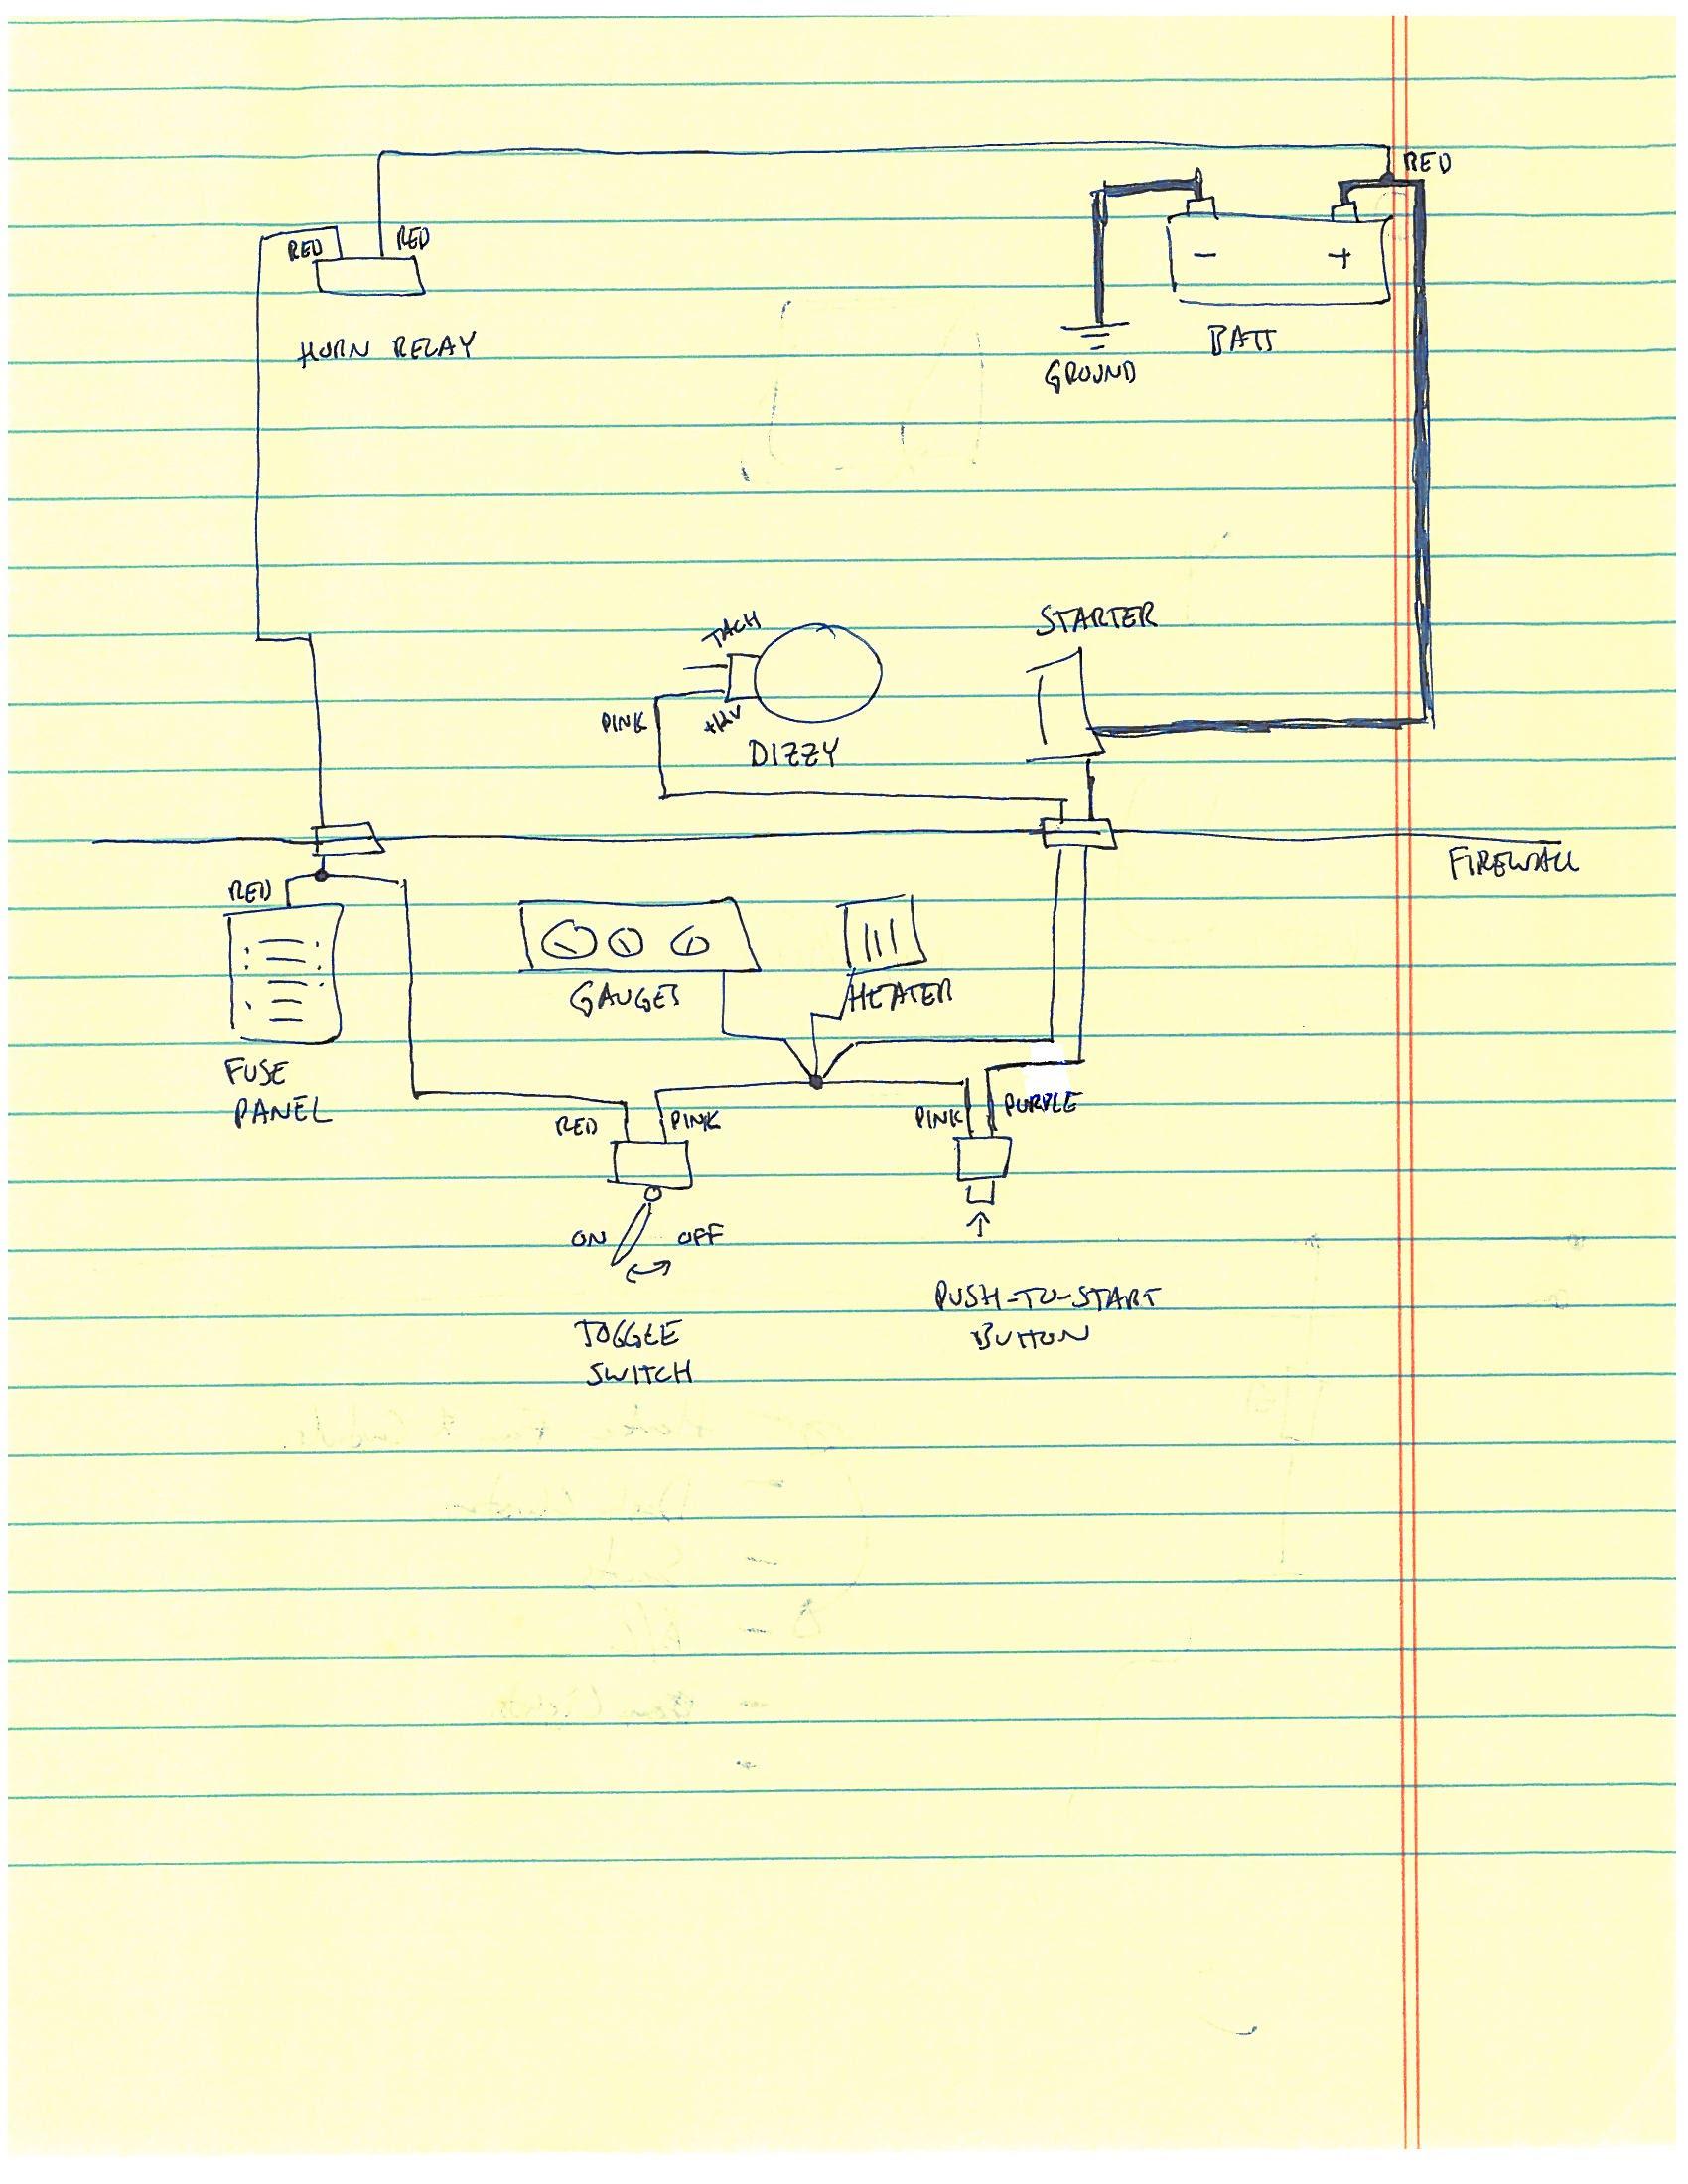 1968 Gmc Wiring Diagram 1998 Ford Fuse Panel Diagram Wiring 2010menanti Jeanjaures37 Fr